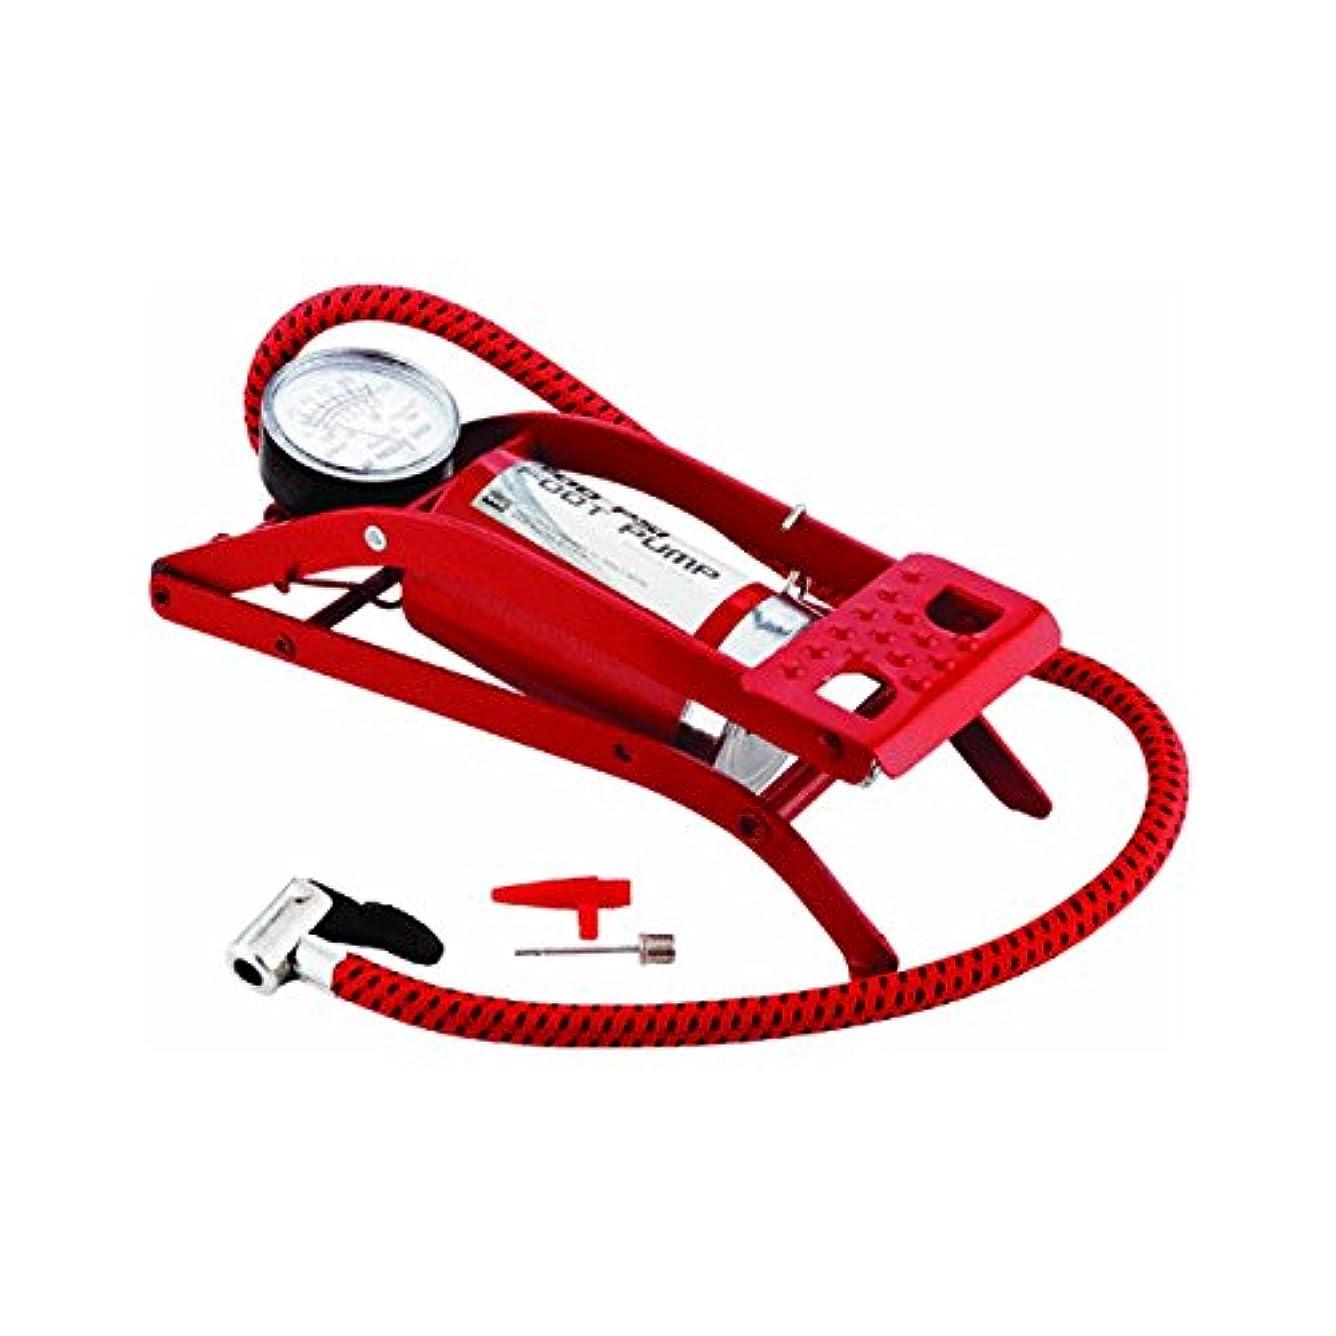 偶然のミニチュアとらえどころのないCustom Accessories57777Foot Pump-FOOT PUMP (並行輸入品)